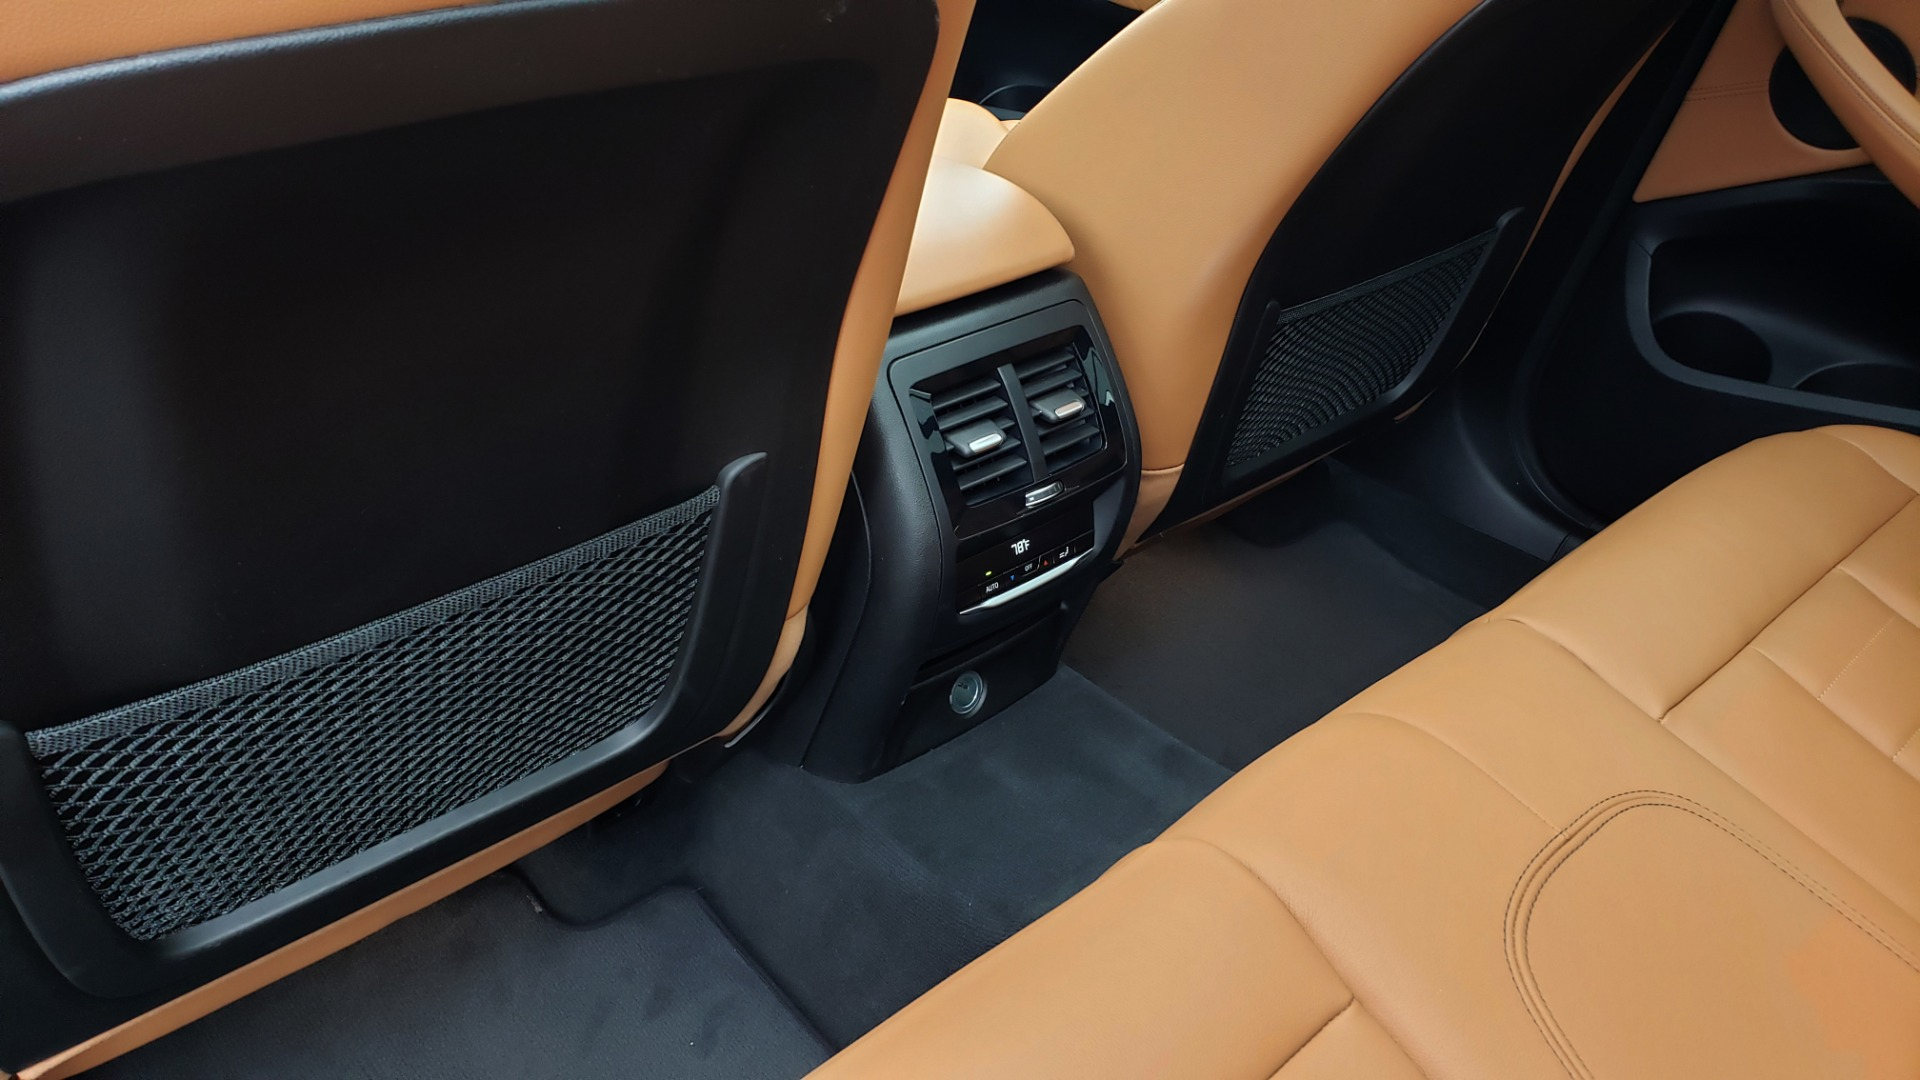 Used 2018 BMW X3 XDRIVE30I / LUX PKG / PREM PKG / CONV PKG / PDC / APPLE CARPLAY for sale Sold at Formula Imports in Charlotte NC 28227 67